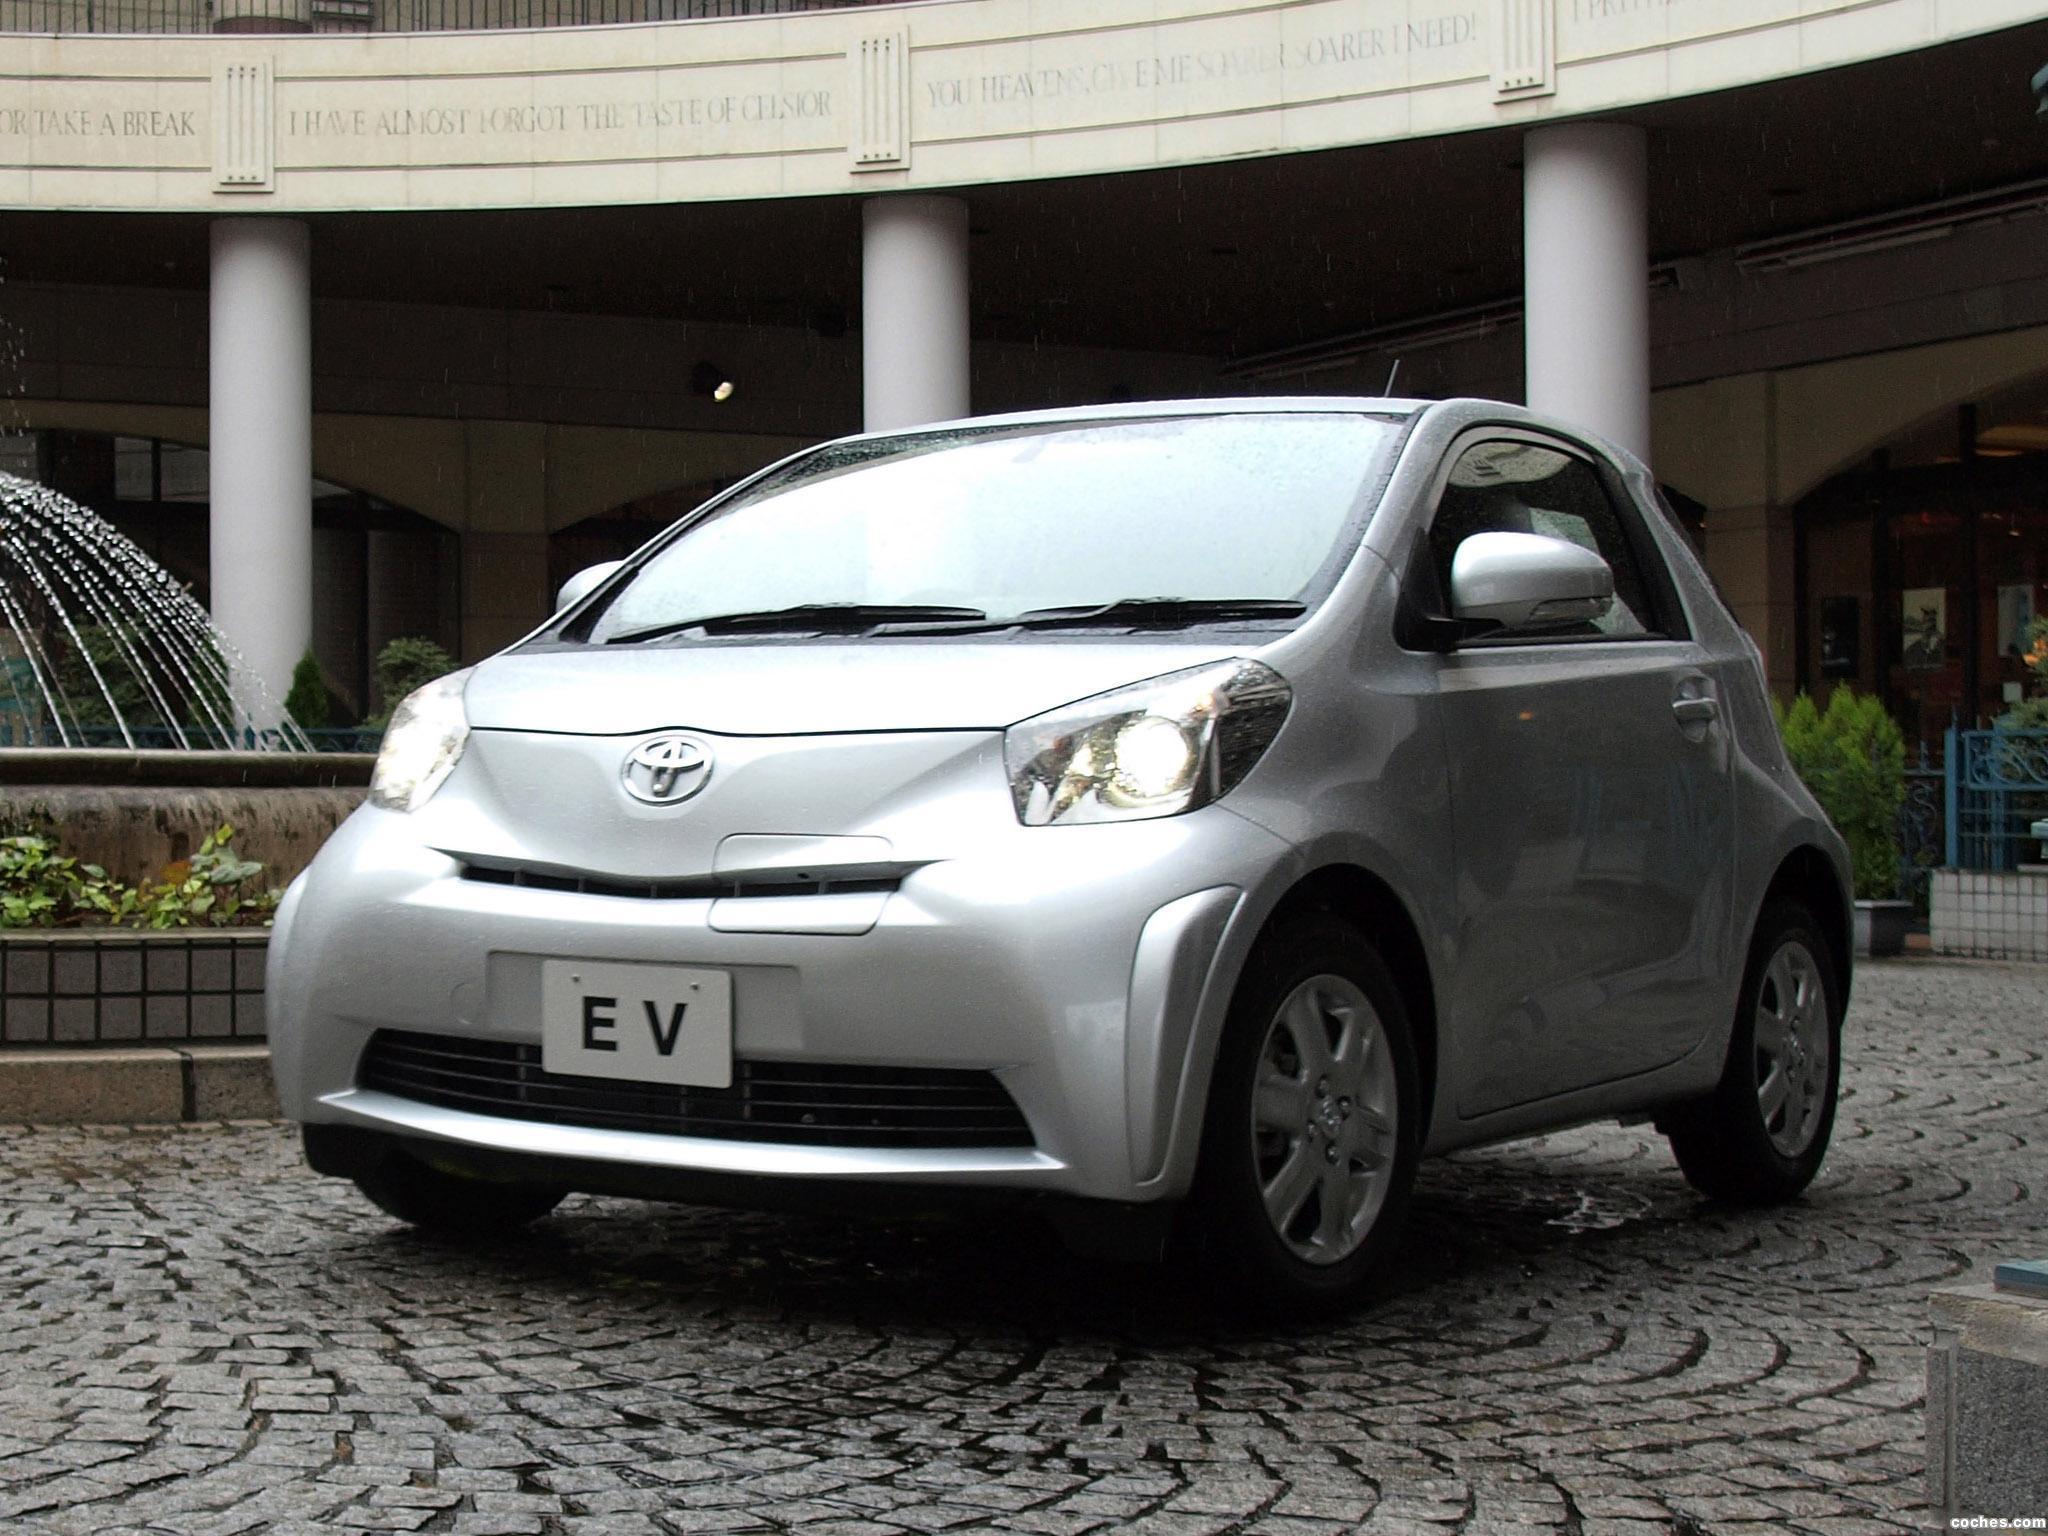 Foto 0 de Toyota EV Prototype 2011